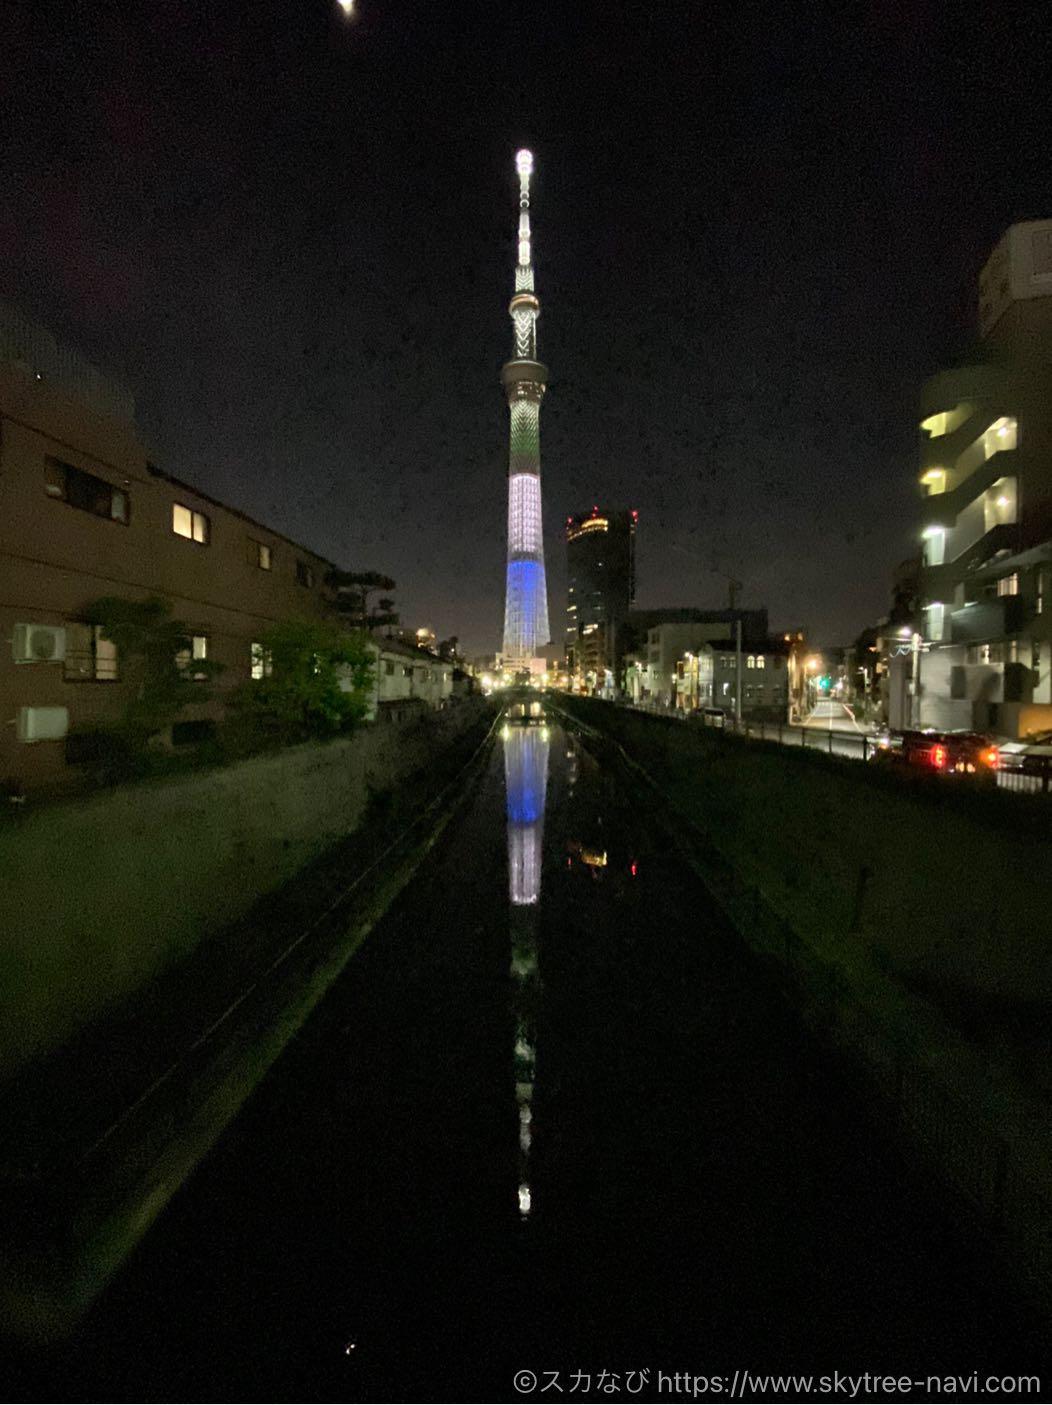 スカイツリー 聖火リレー特別ライティング 香川県